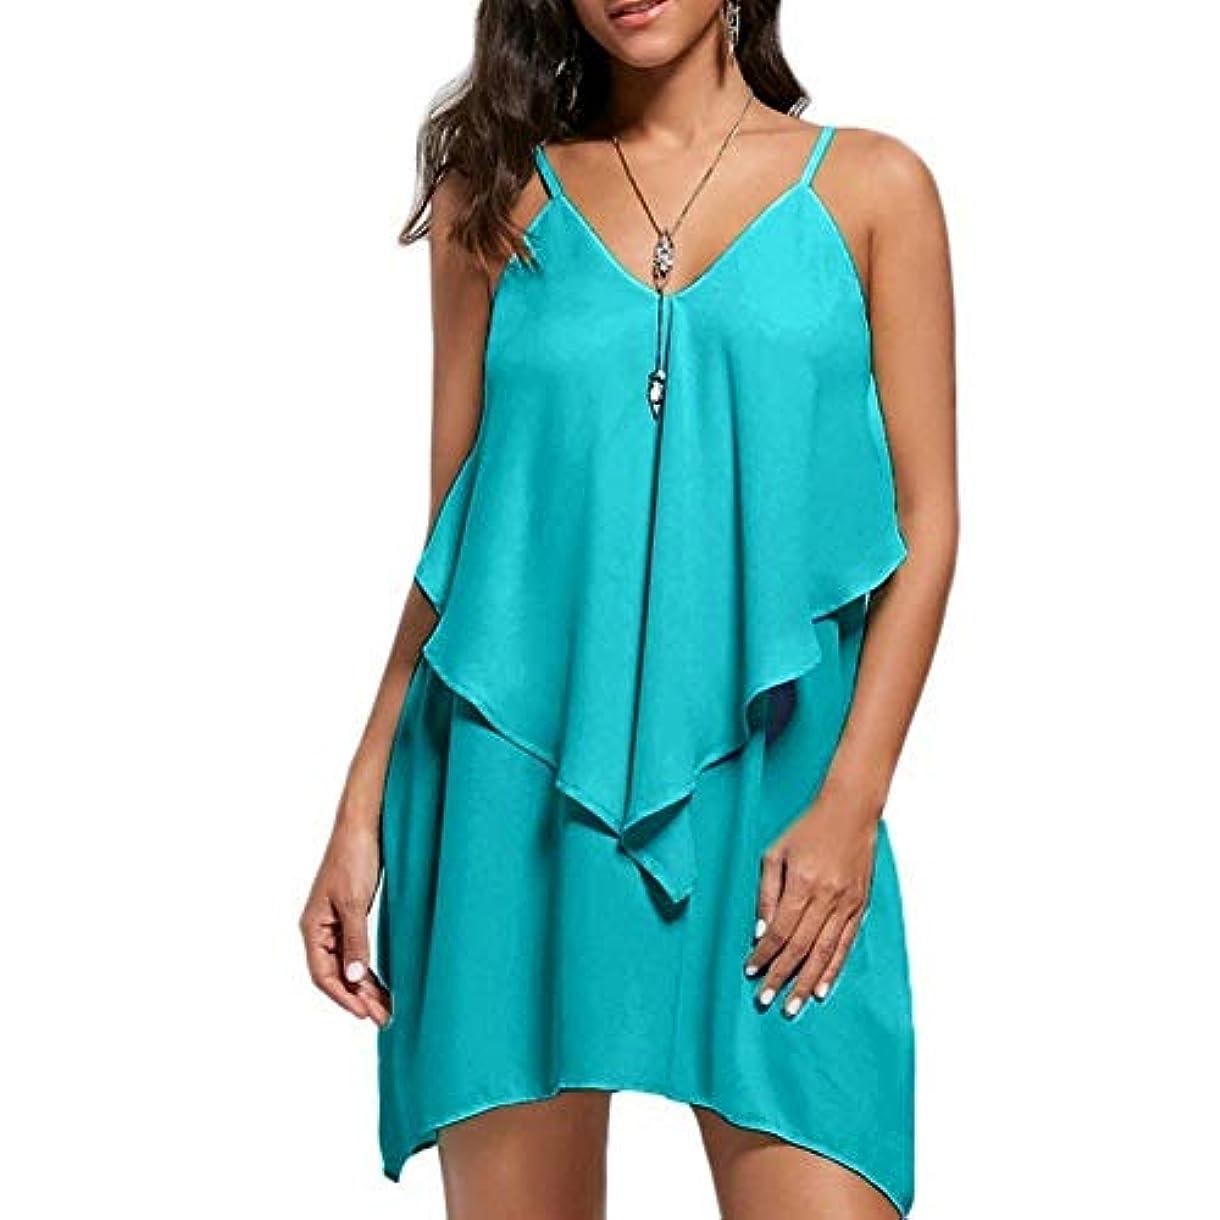 解くタイト槍MIFAN の女性のドレスカジュアルな不規則なドレスルースサマービーチTシャツドレス